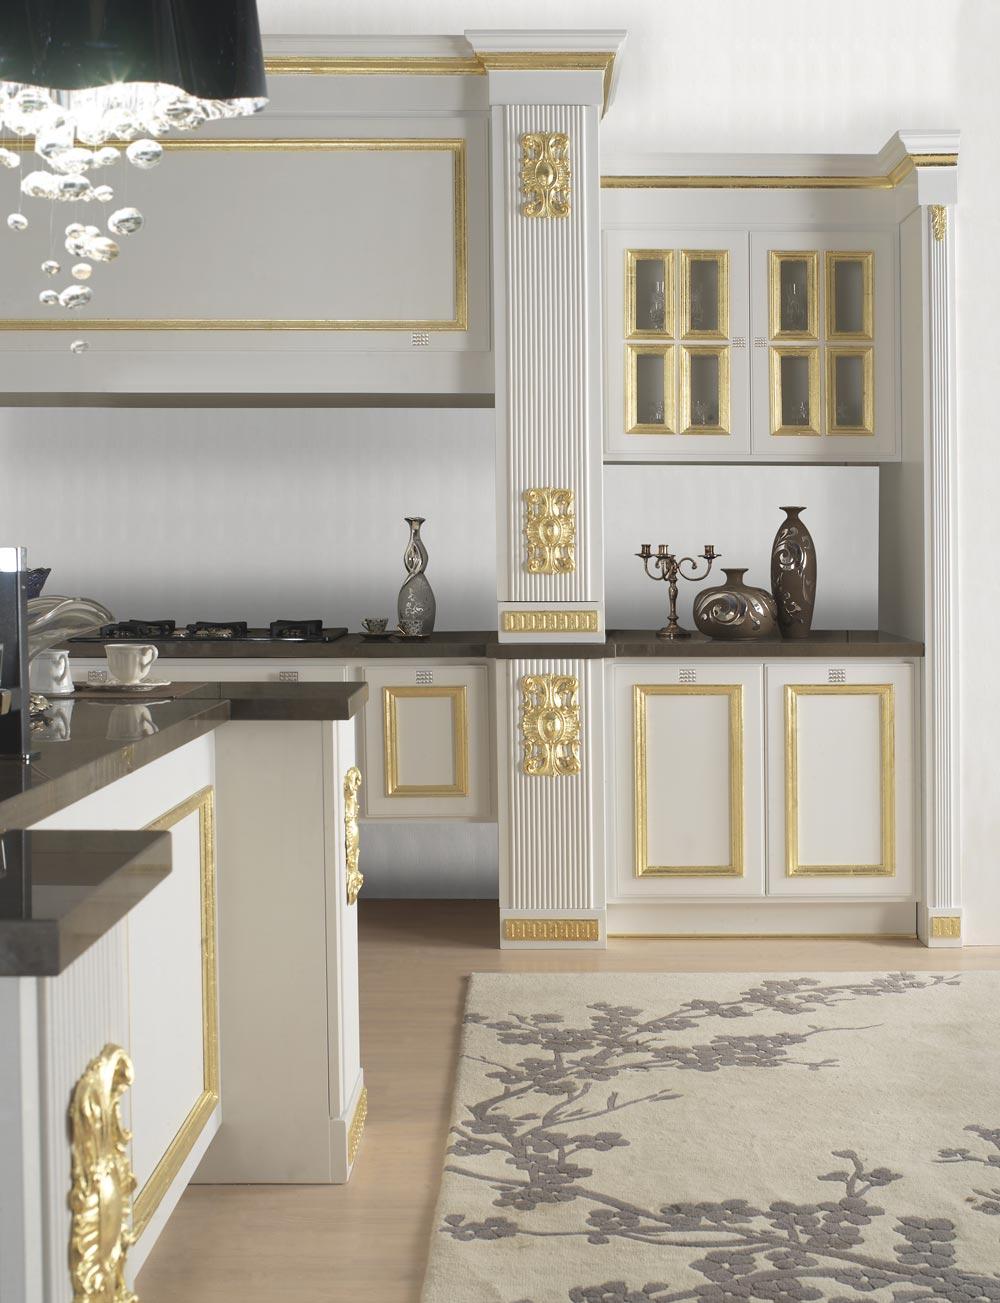 La Collezione Cucine Contemporanee la Cucina Luxury  DIMA Cucine DAutore  Cucine e Mobili su